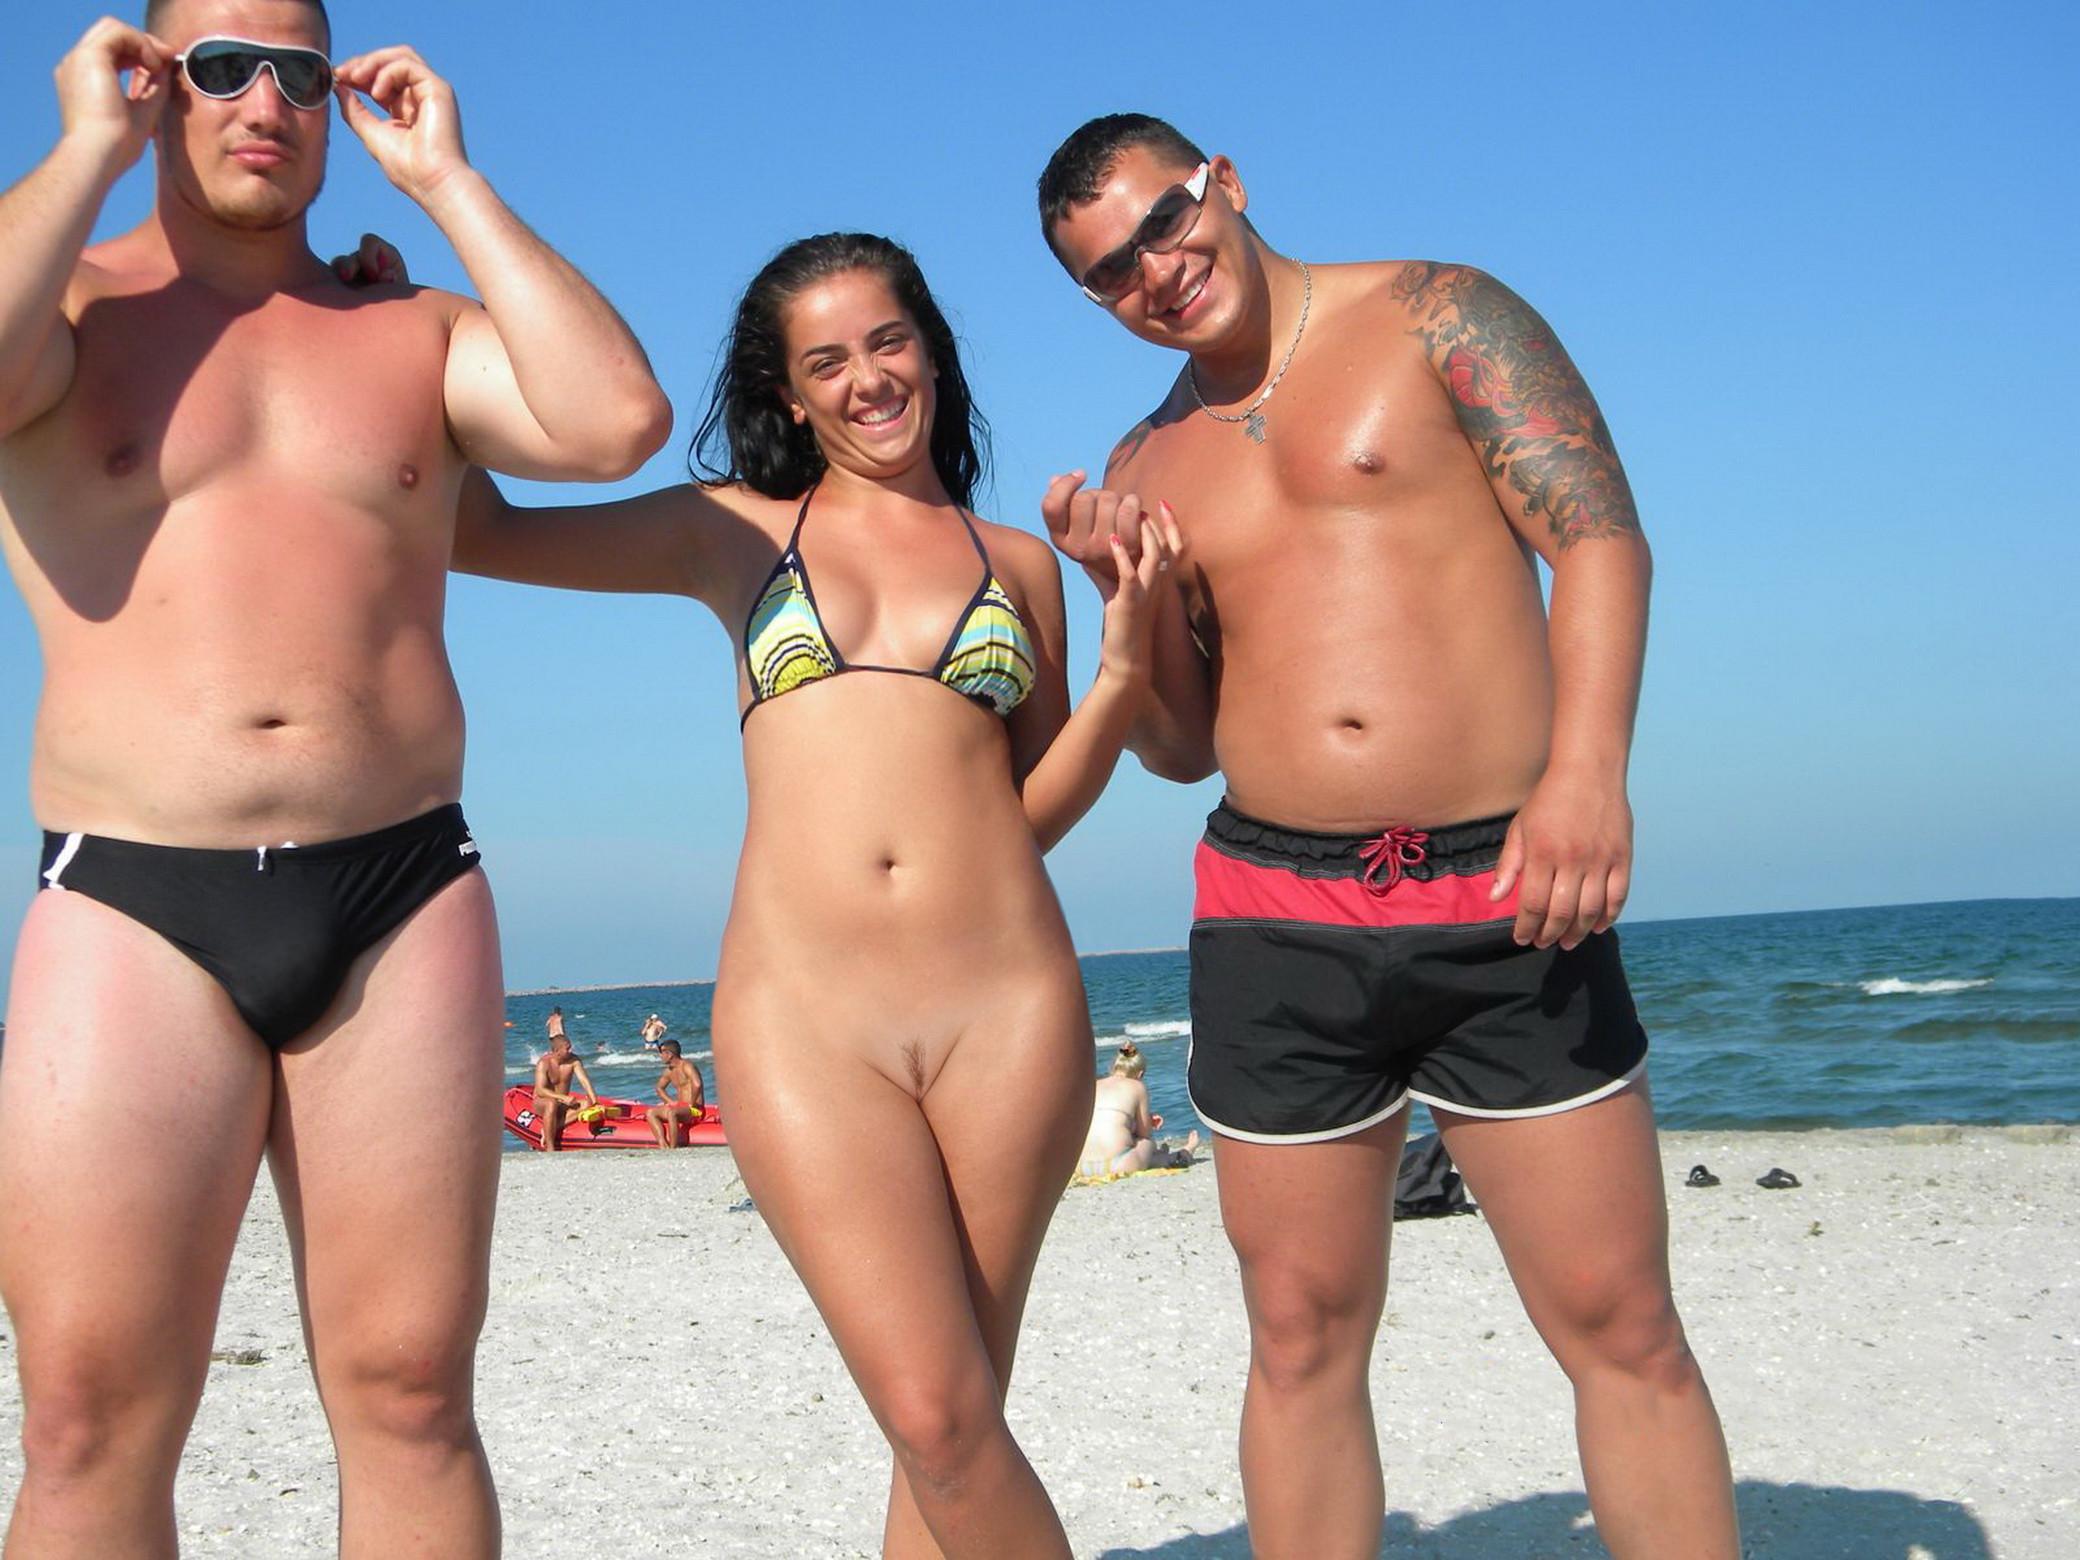 naked hot beach women